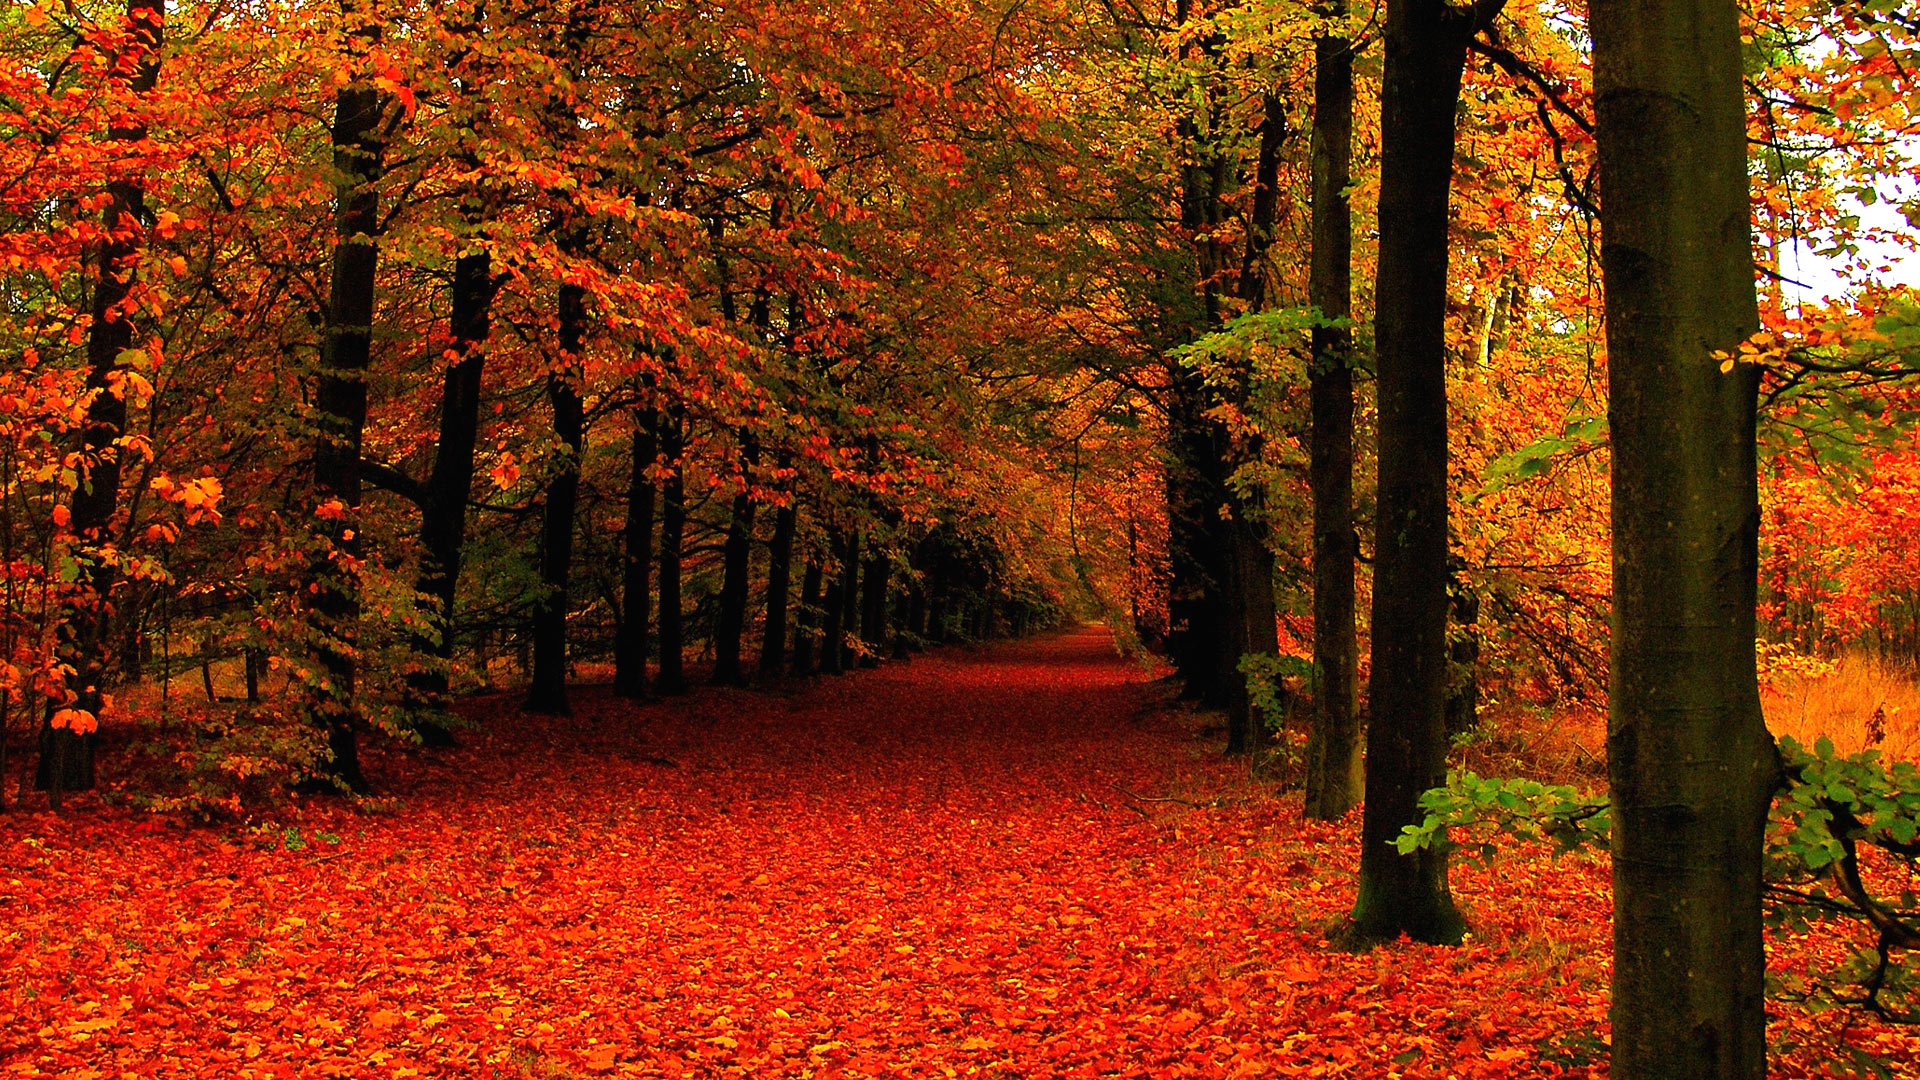 Gallery For > Fall Colors Wallpaper Desktop